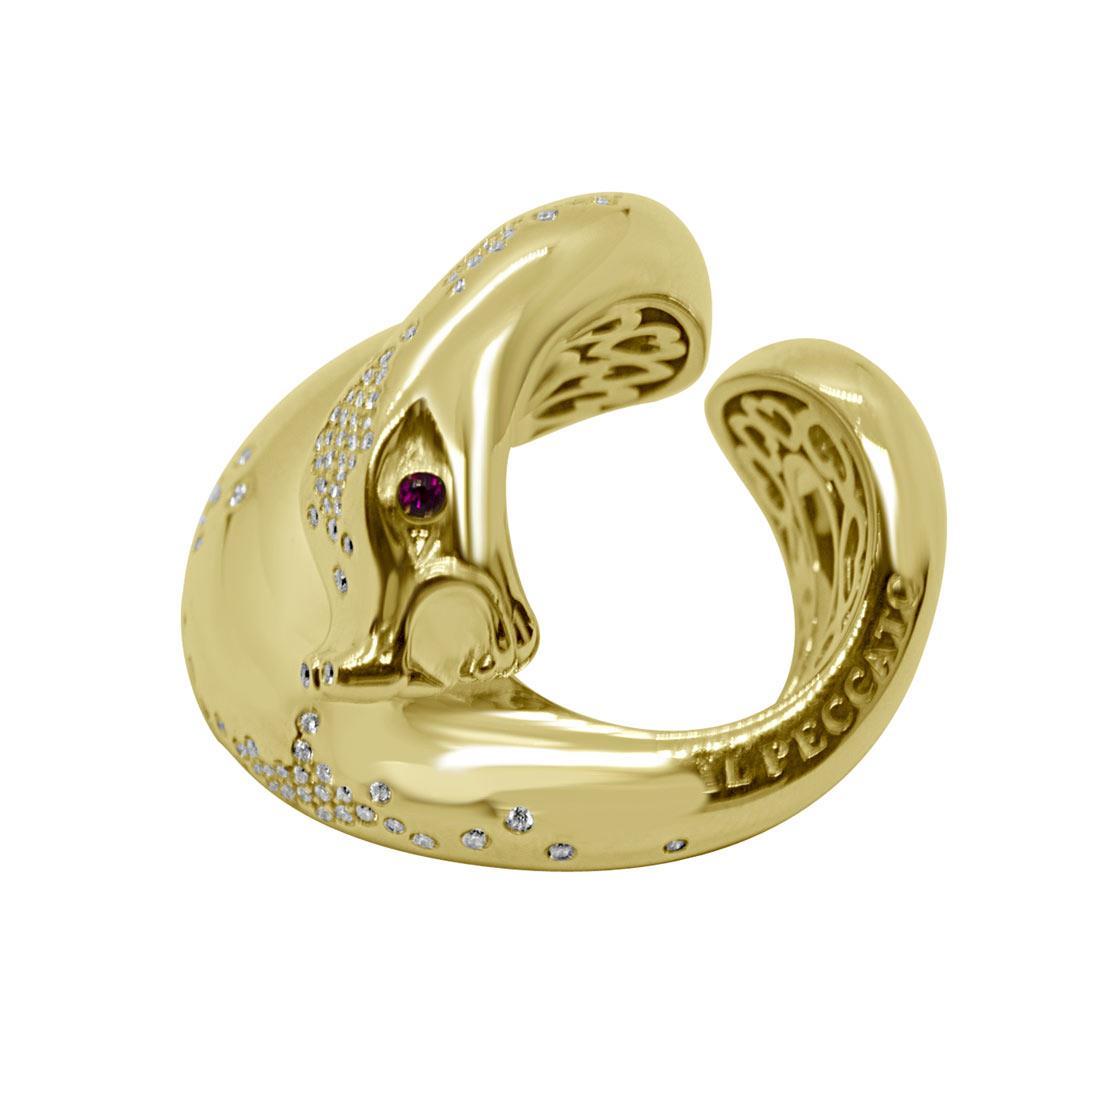 Anello in oro giallo design serpente con rubino e diamanti mis 13 - PASQUALE BRUNI